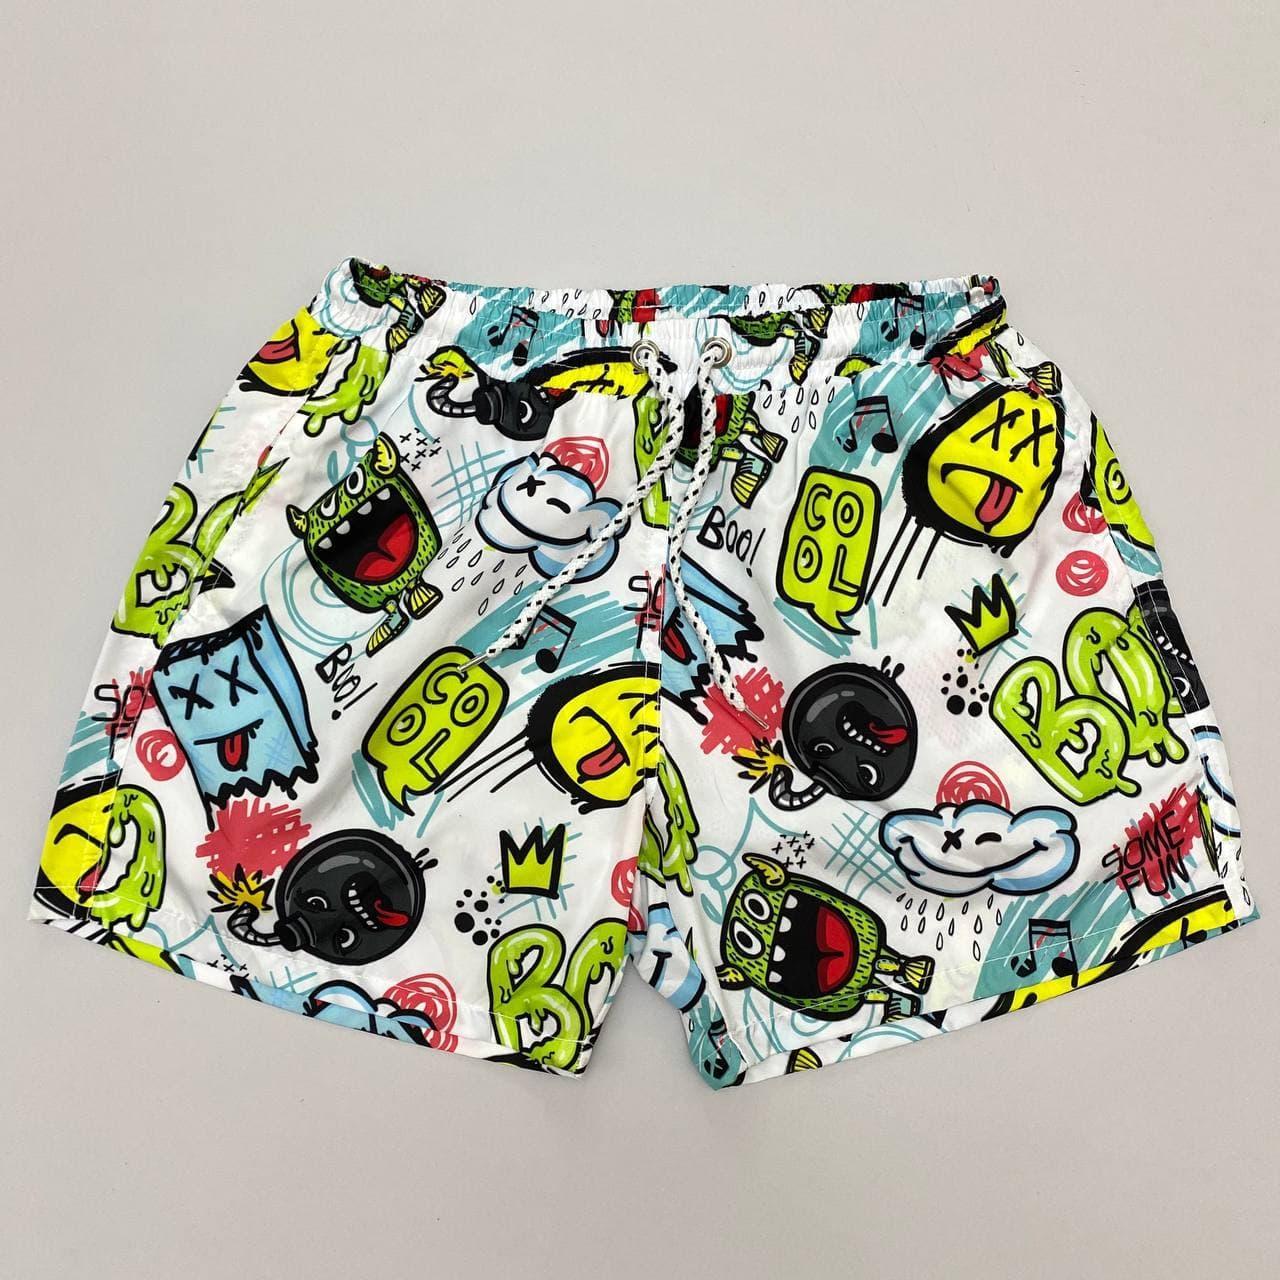 Мужские плавательные шорты с крутым принтом. Стильные плавки мужские пляжные с модным принтом.